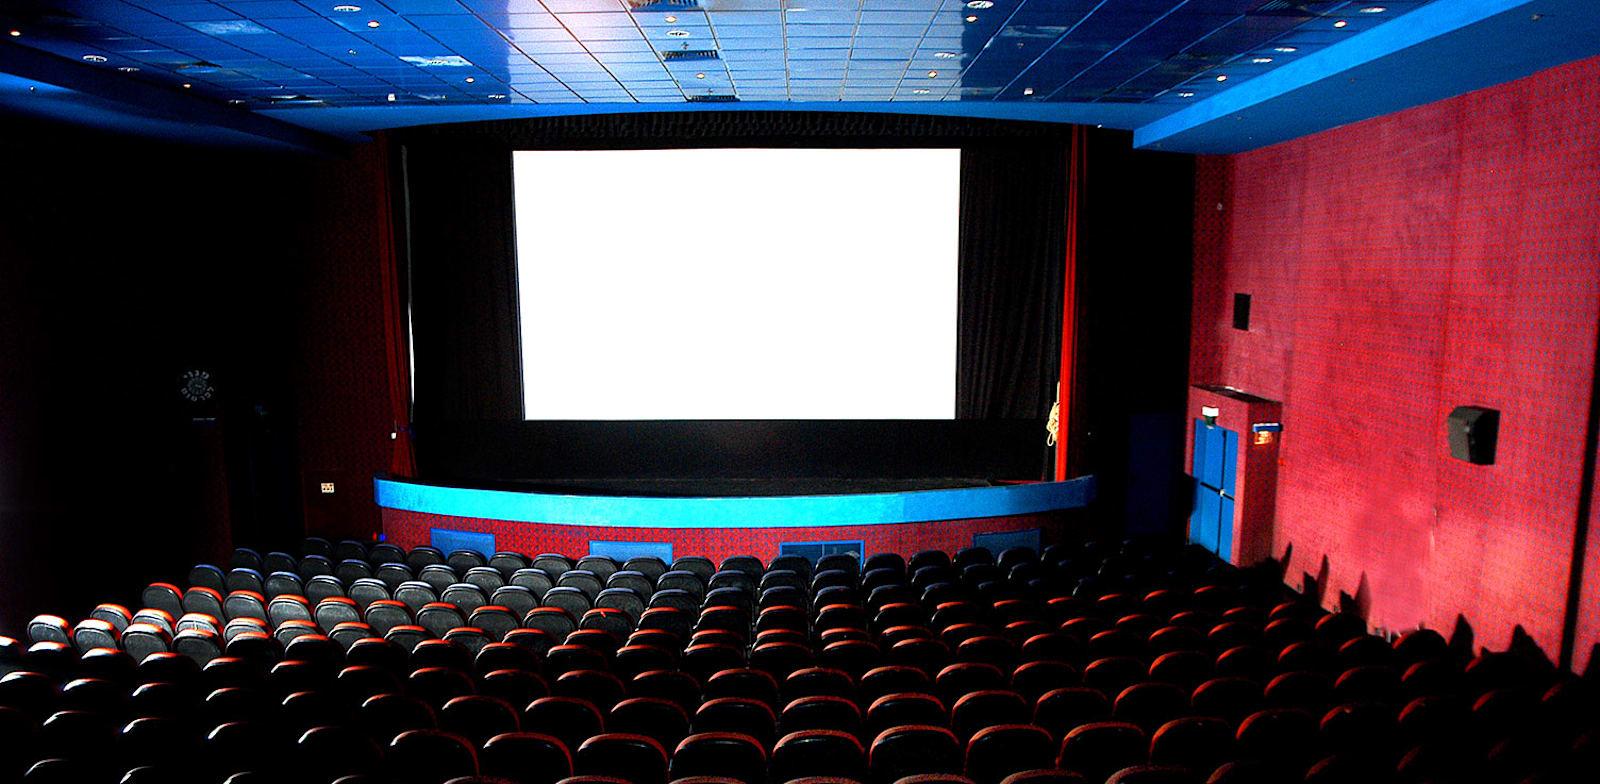 אולם קולנוע ריק / צילום: איל יצהר